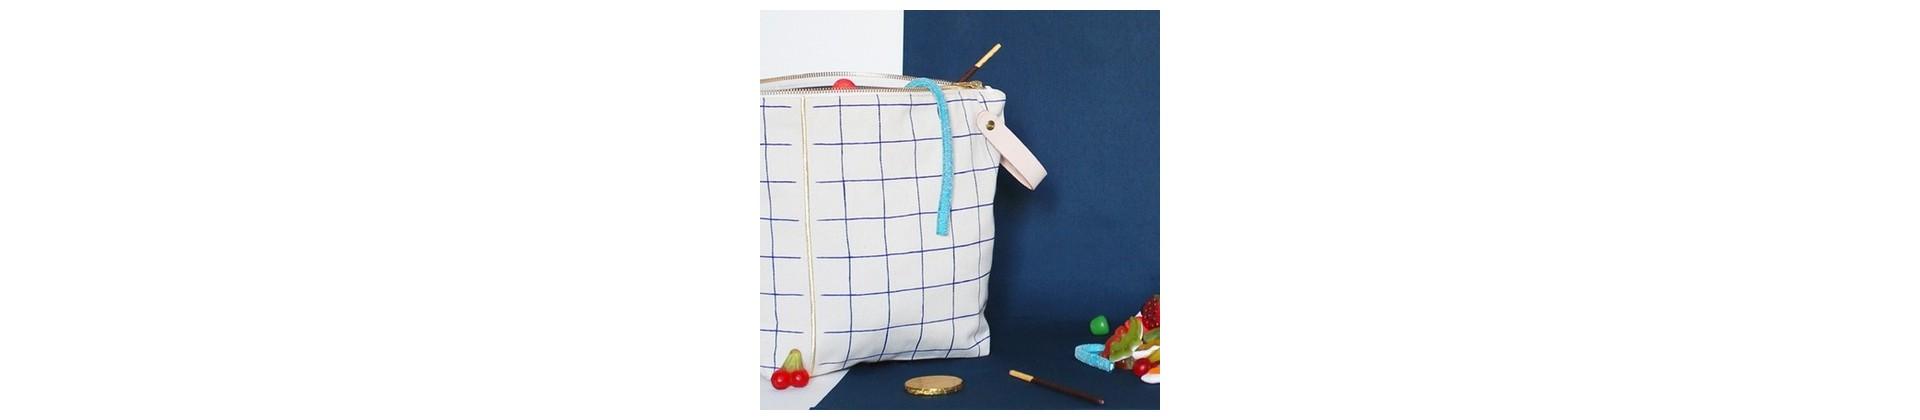 Accessoires et fournitures scolaires design : trousses, sacs